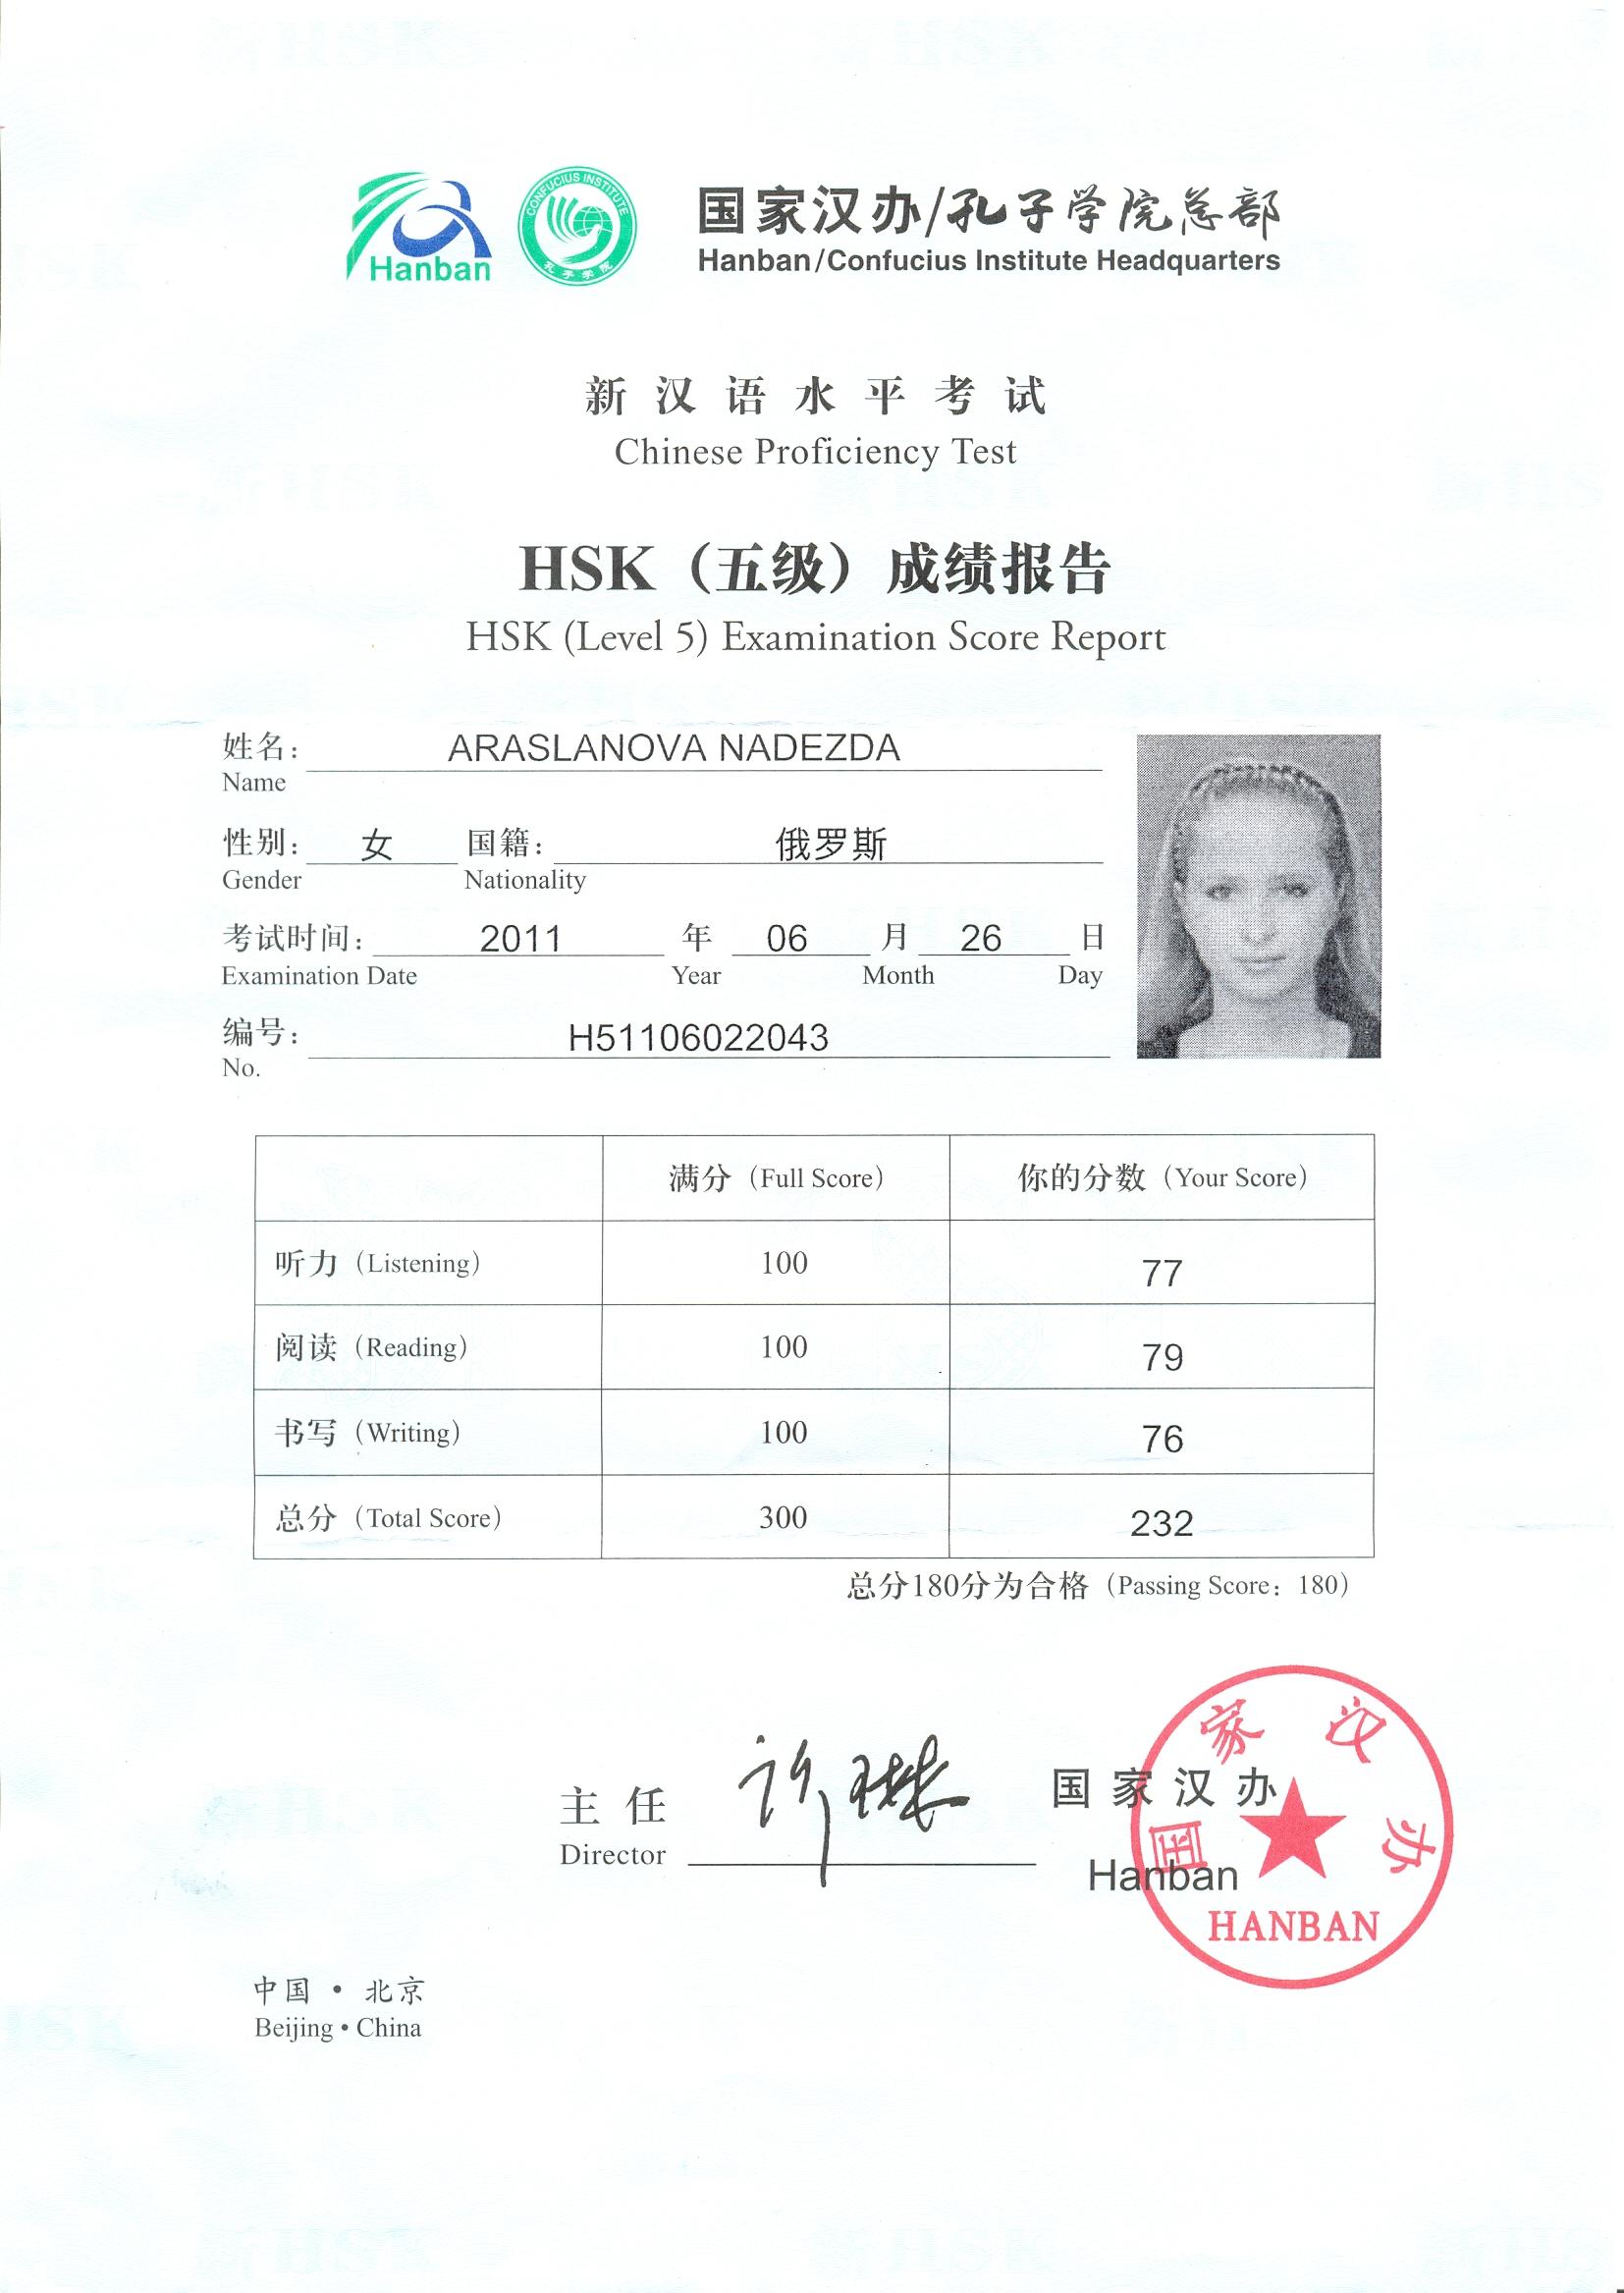 Сертификат о знании Китайского языка